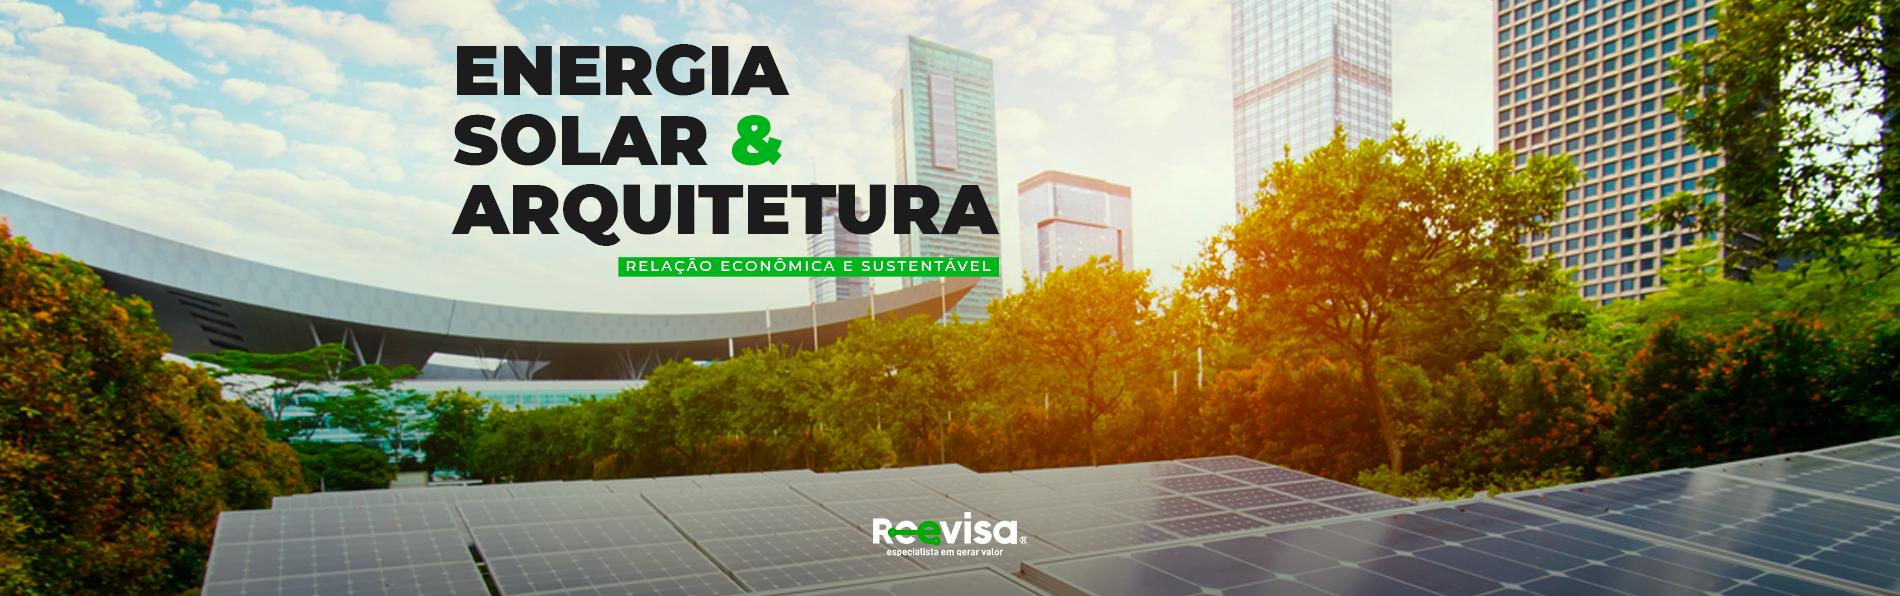 Energia solar e arquitetura: economia e sustentabilidade